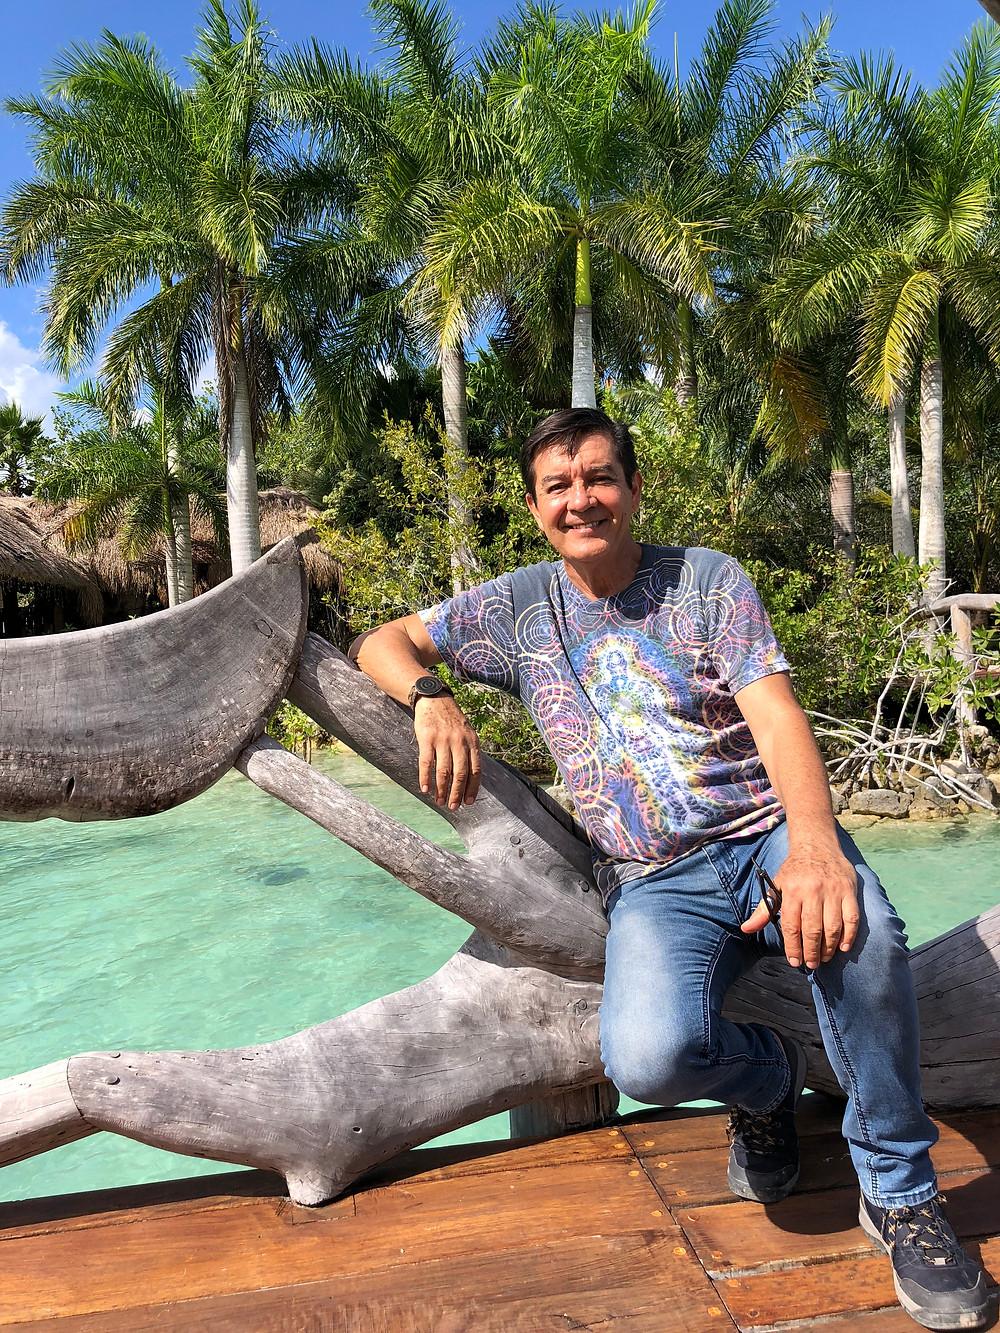 Arturo Arroyo dueno de Akalki, Bacalar, Mexique